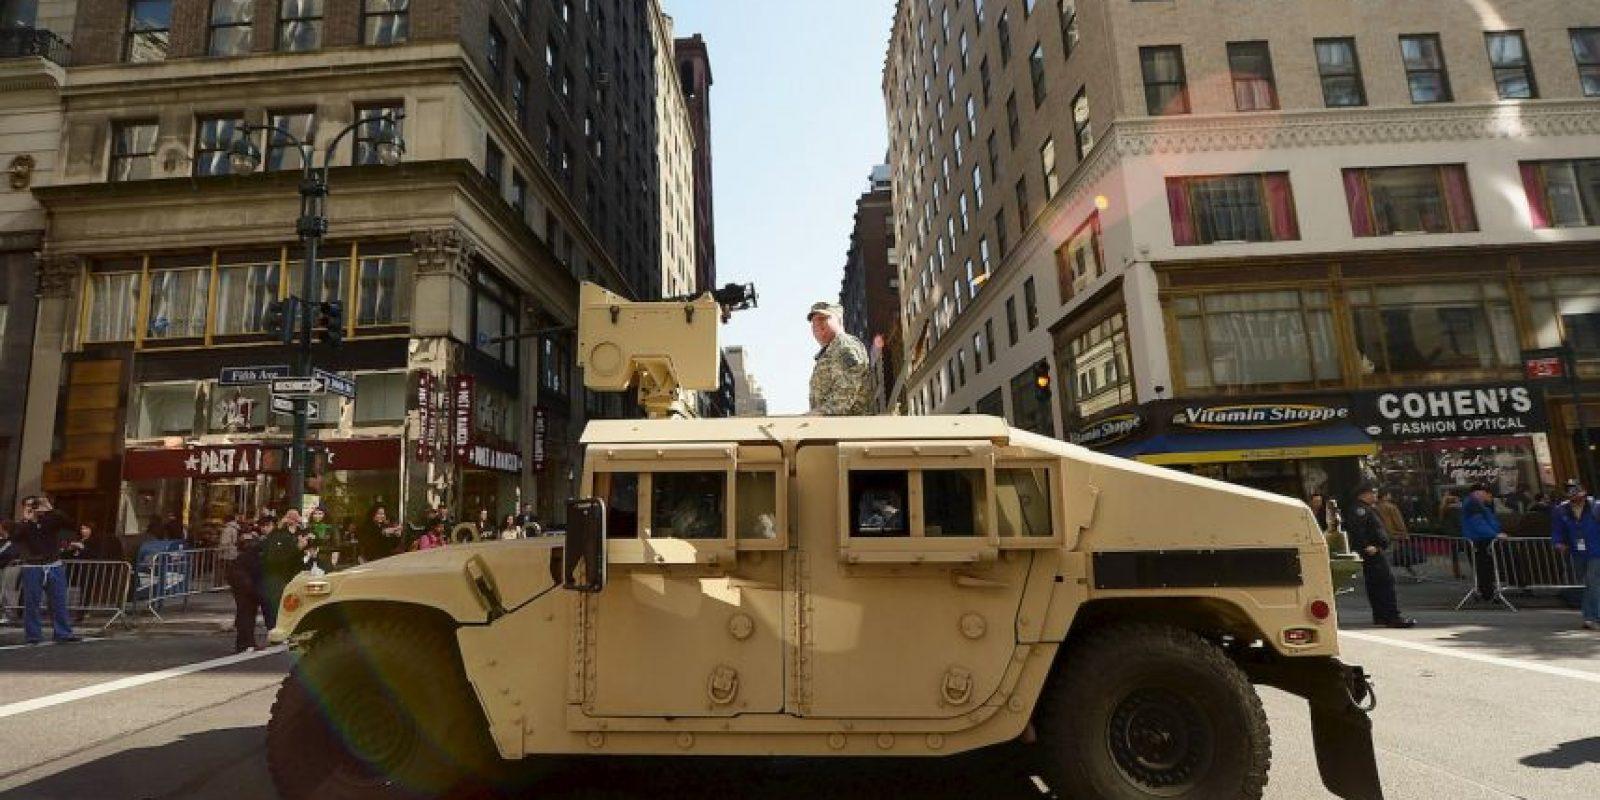 El trabajo de ensamble se realizará en Oshkosh, Wisconsin, según el portal del ejército estadounidense. Foto:Getty Images